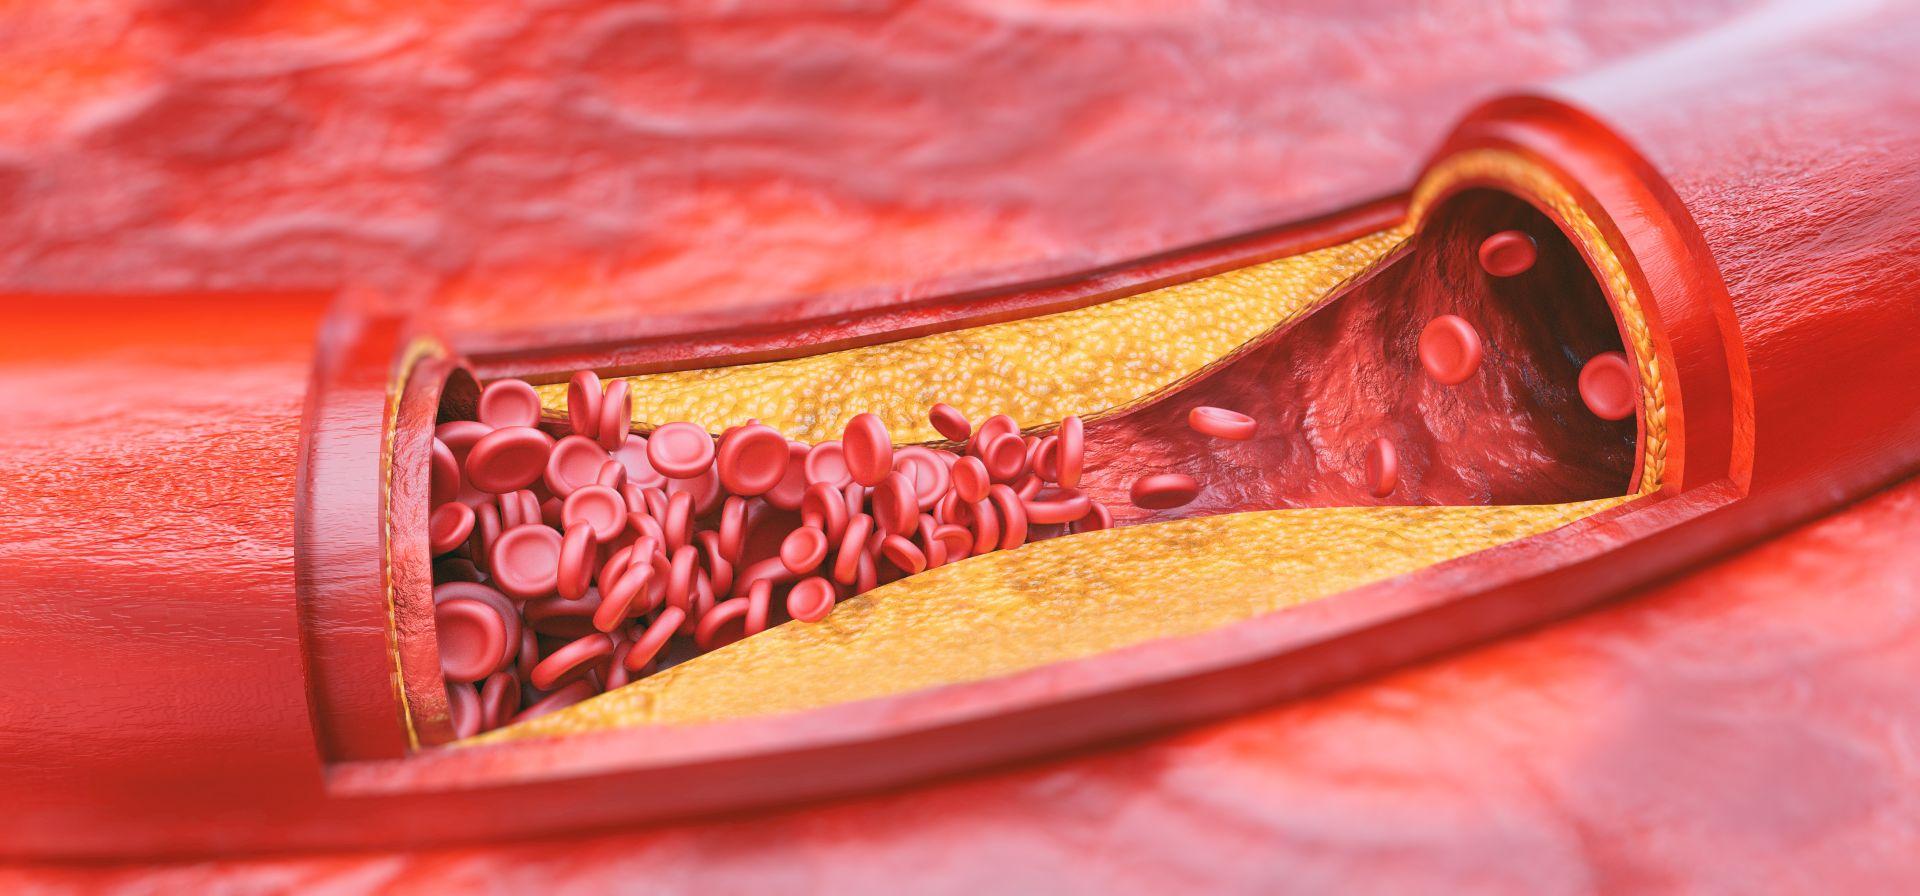 Cholesterol całkowity - cholesterol LDL i HDL - czym się różnią, jakie normy cholesterolu są dopuszczalne?